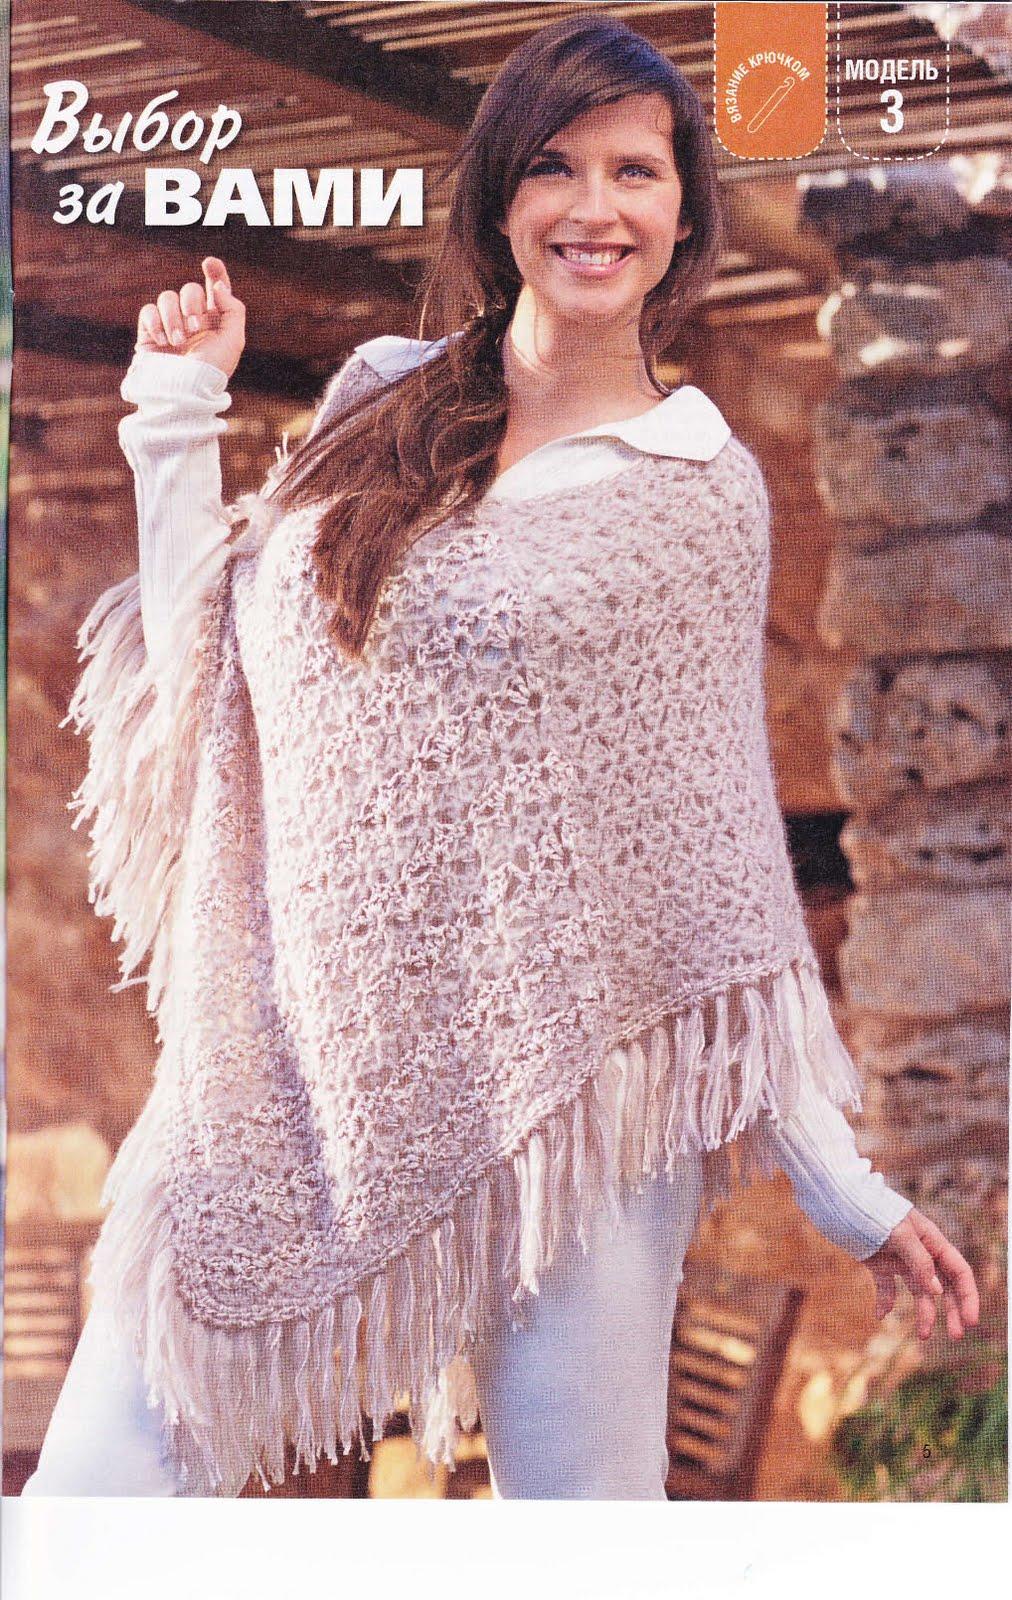 Маленькая Diana 10 2009 Журнал по вязанию на спицах и крючком - пончо, кардиганы, свитера, блузоны - утеплись красиво!